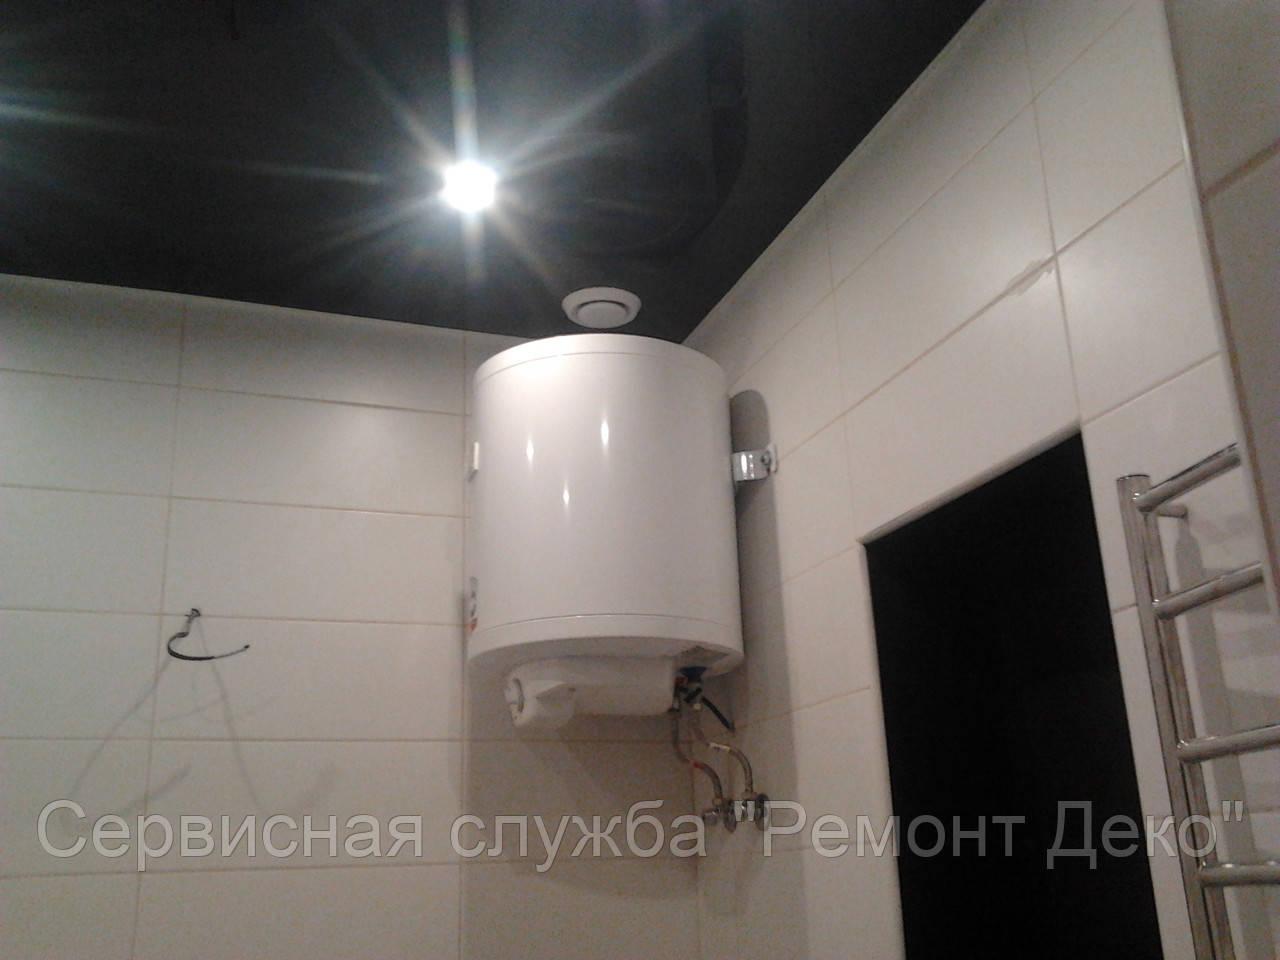 Чистка бойлера в Харькове. Ремонт и прочистка водонагревателя Харьков